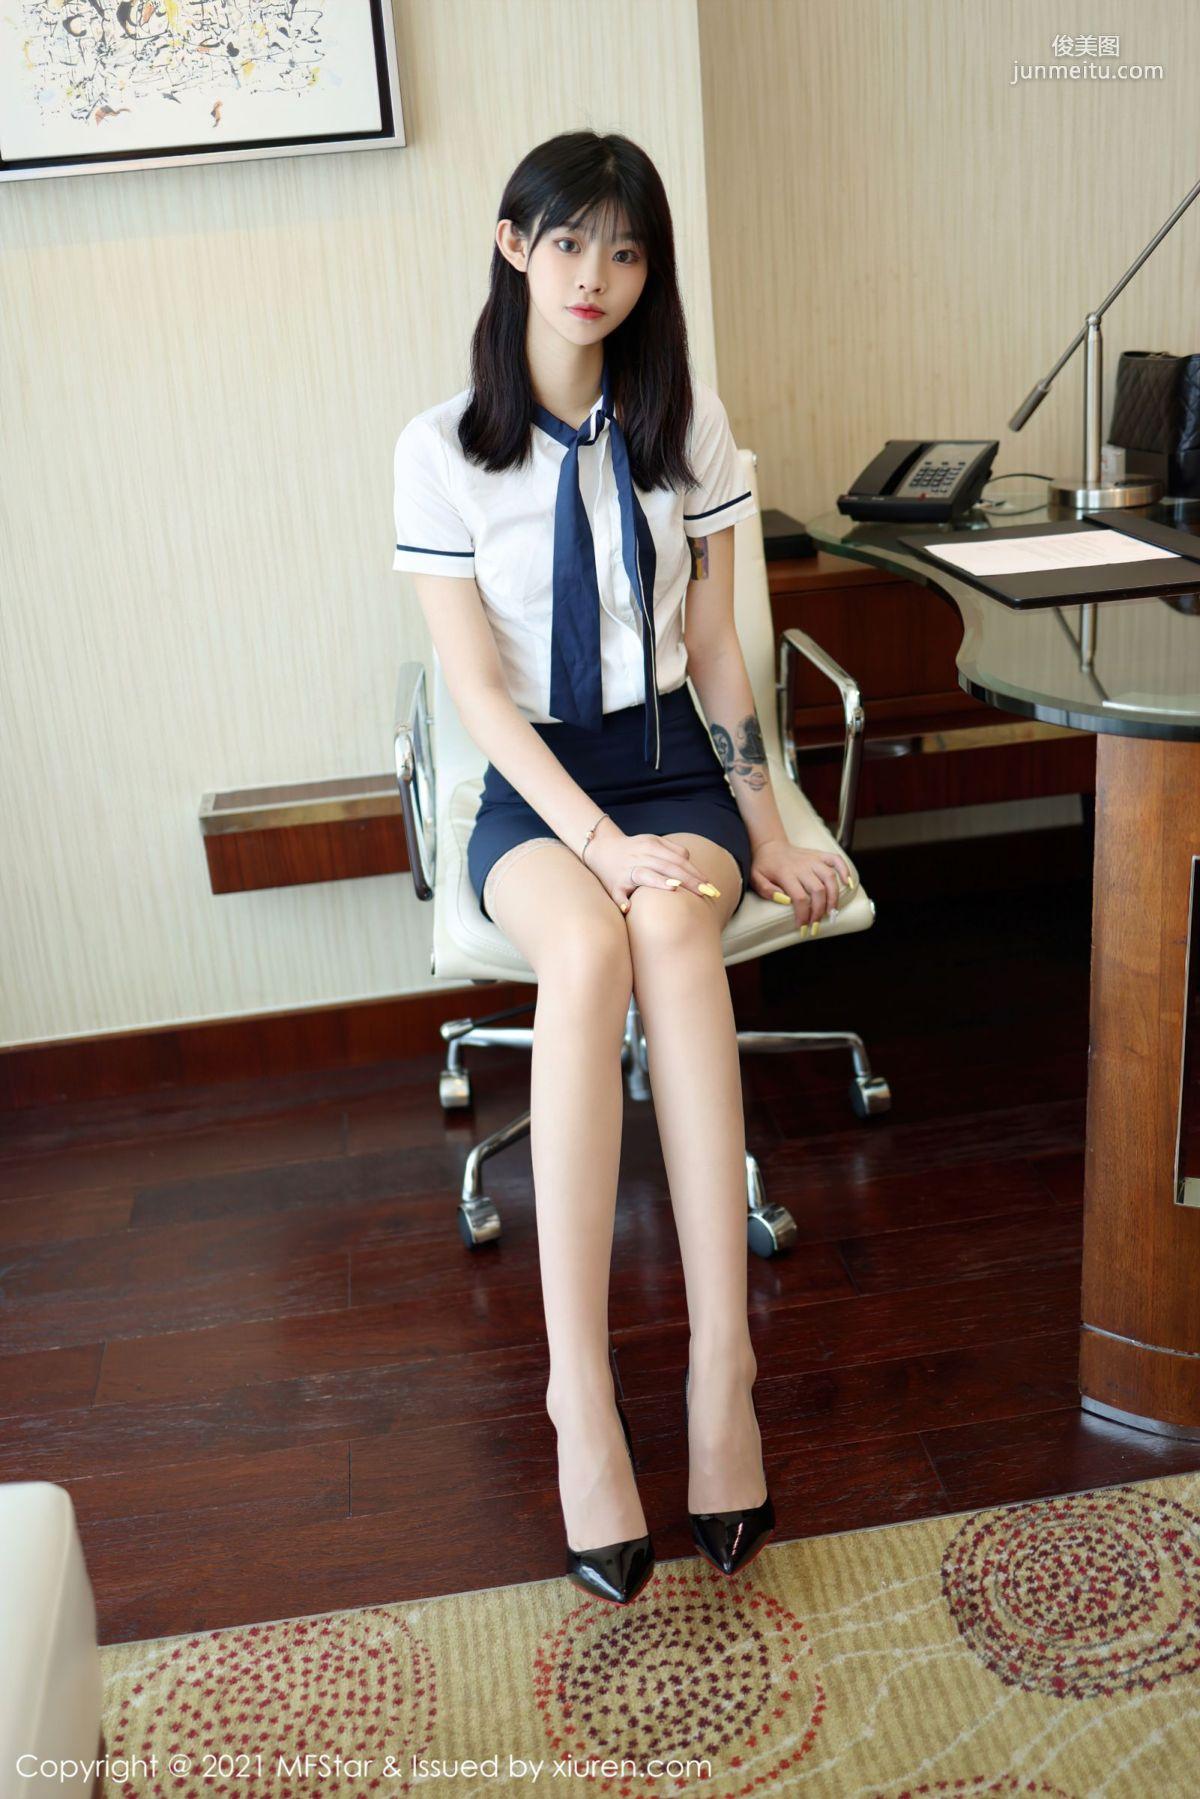 新人模特77qiqi 校园风格学生装